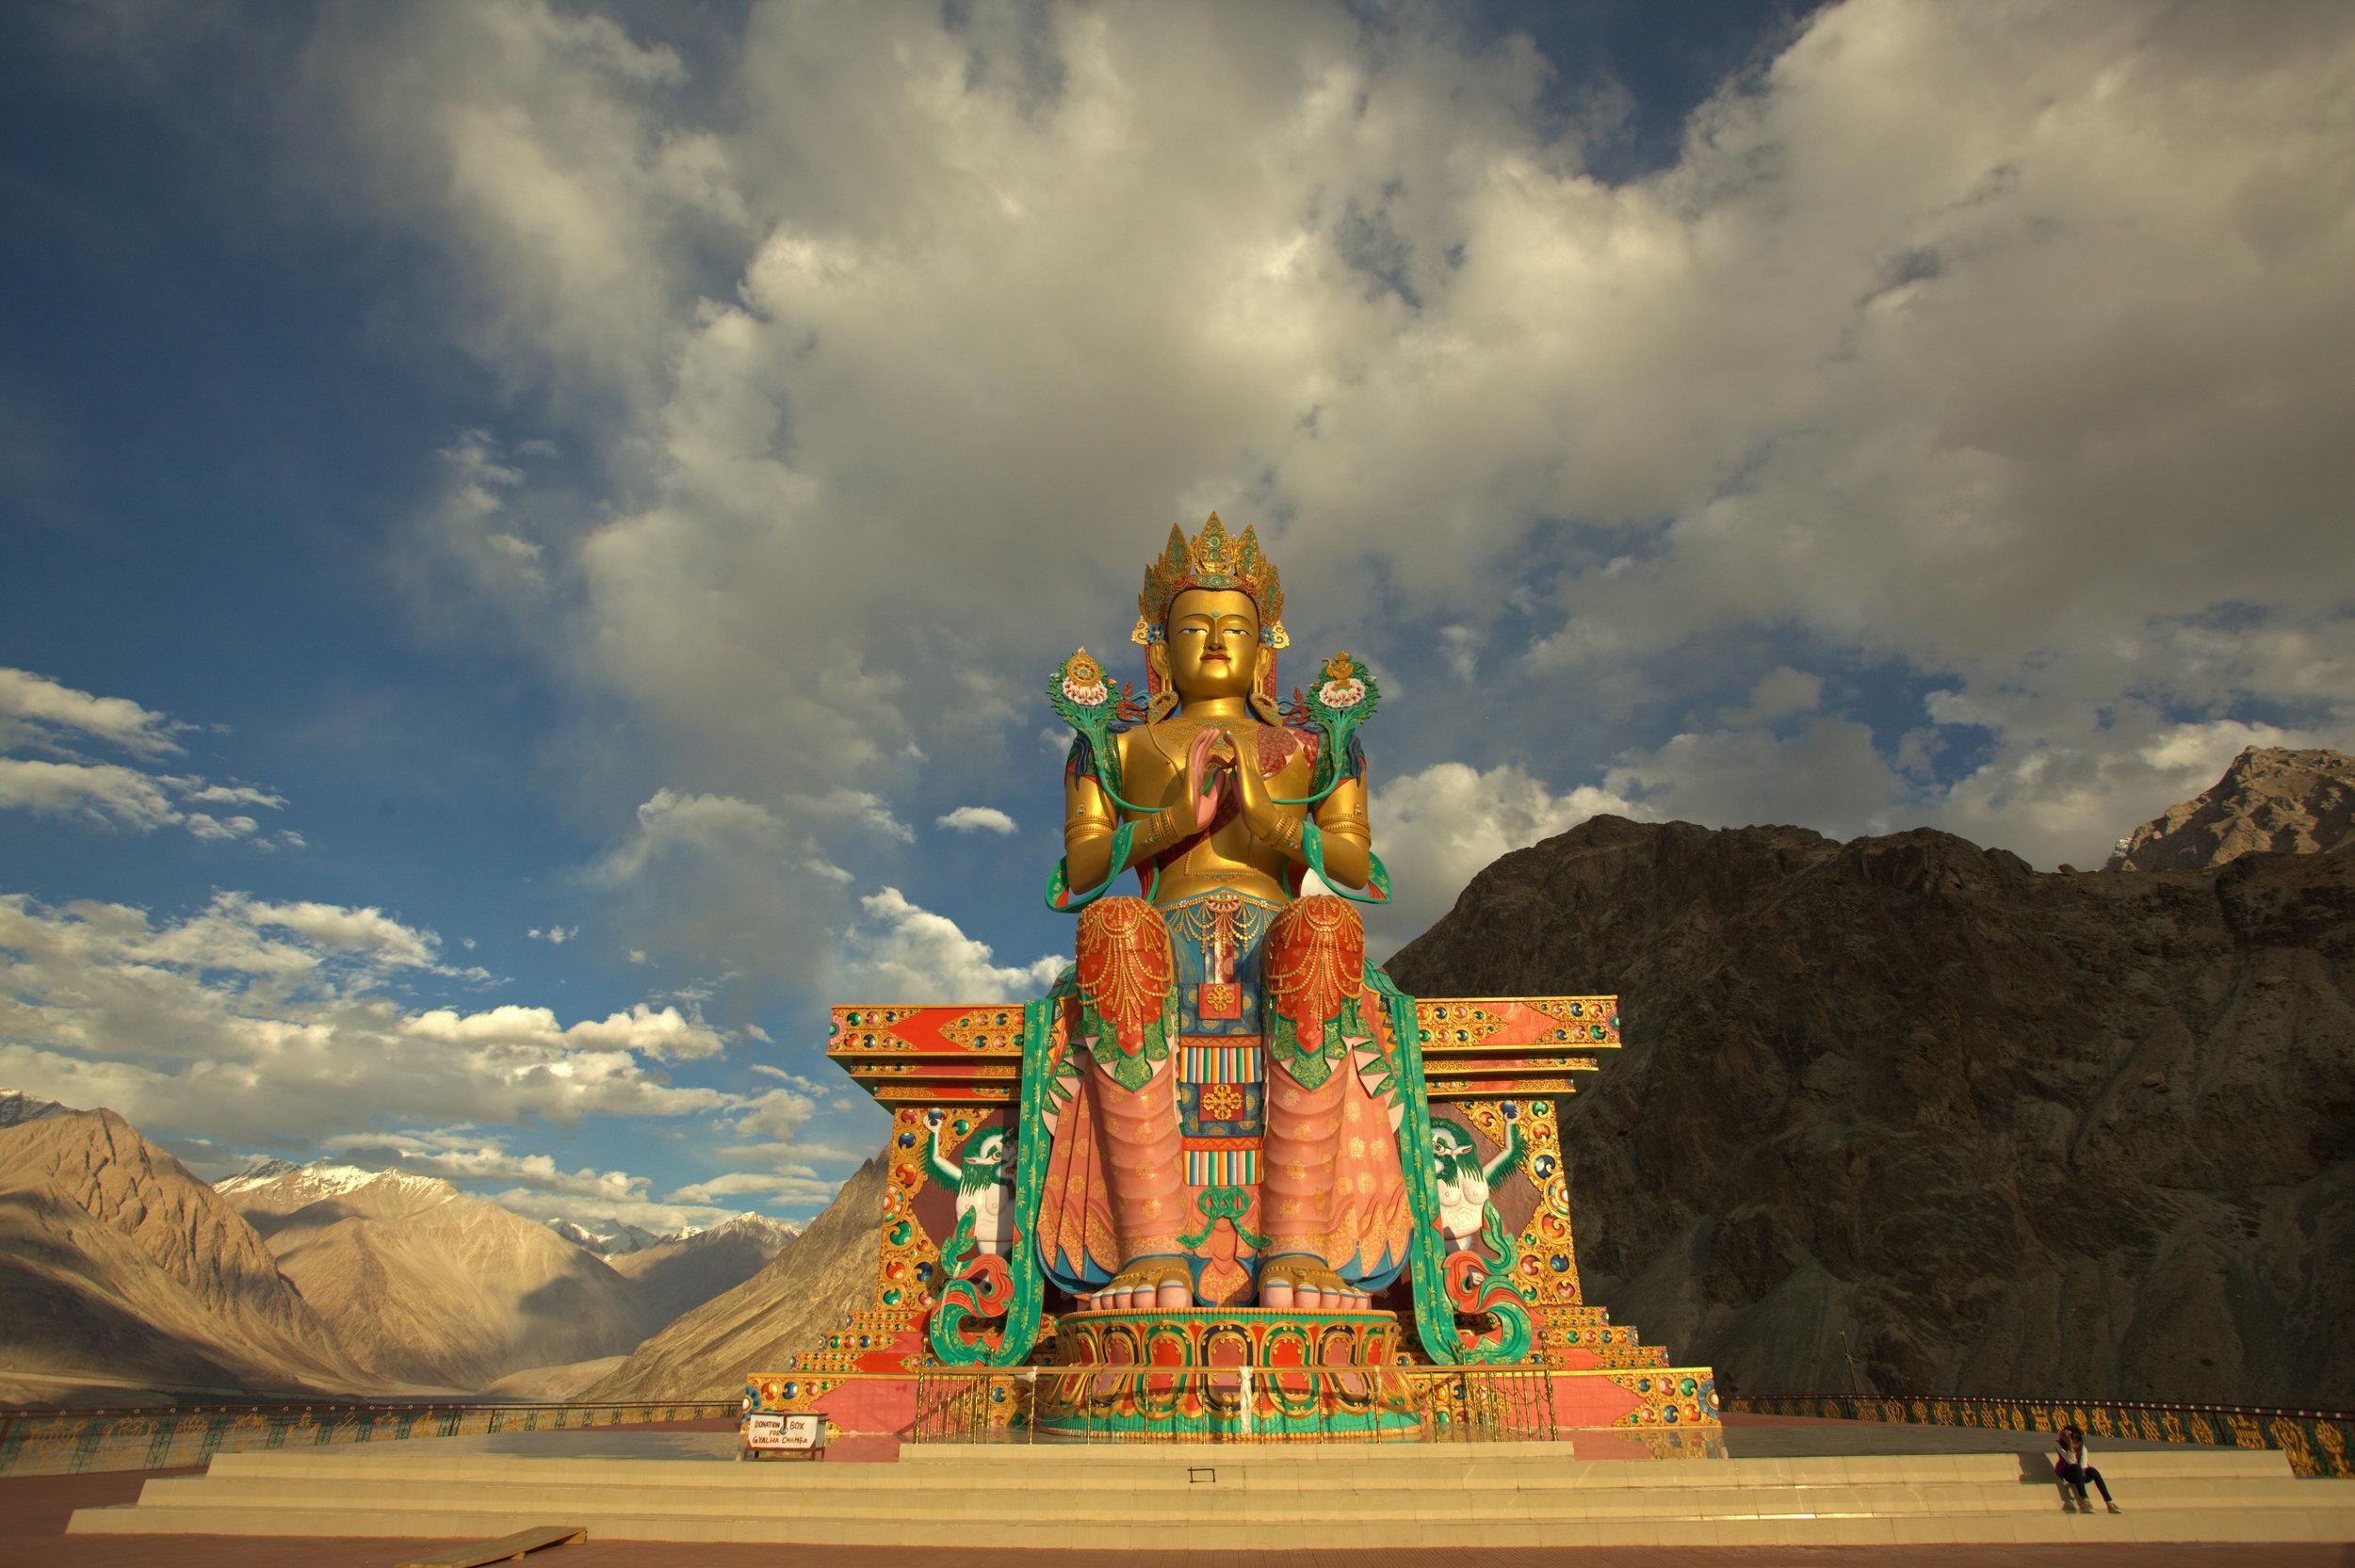 Ladakh_Buddha_avijit sarkhel.jpg